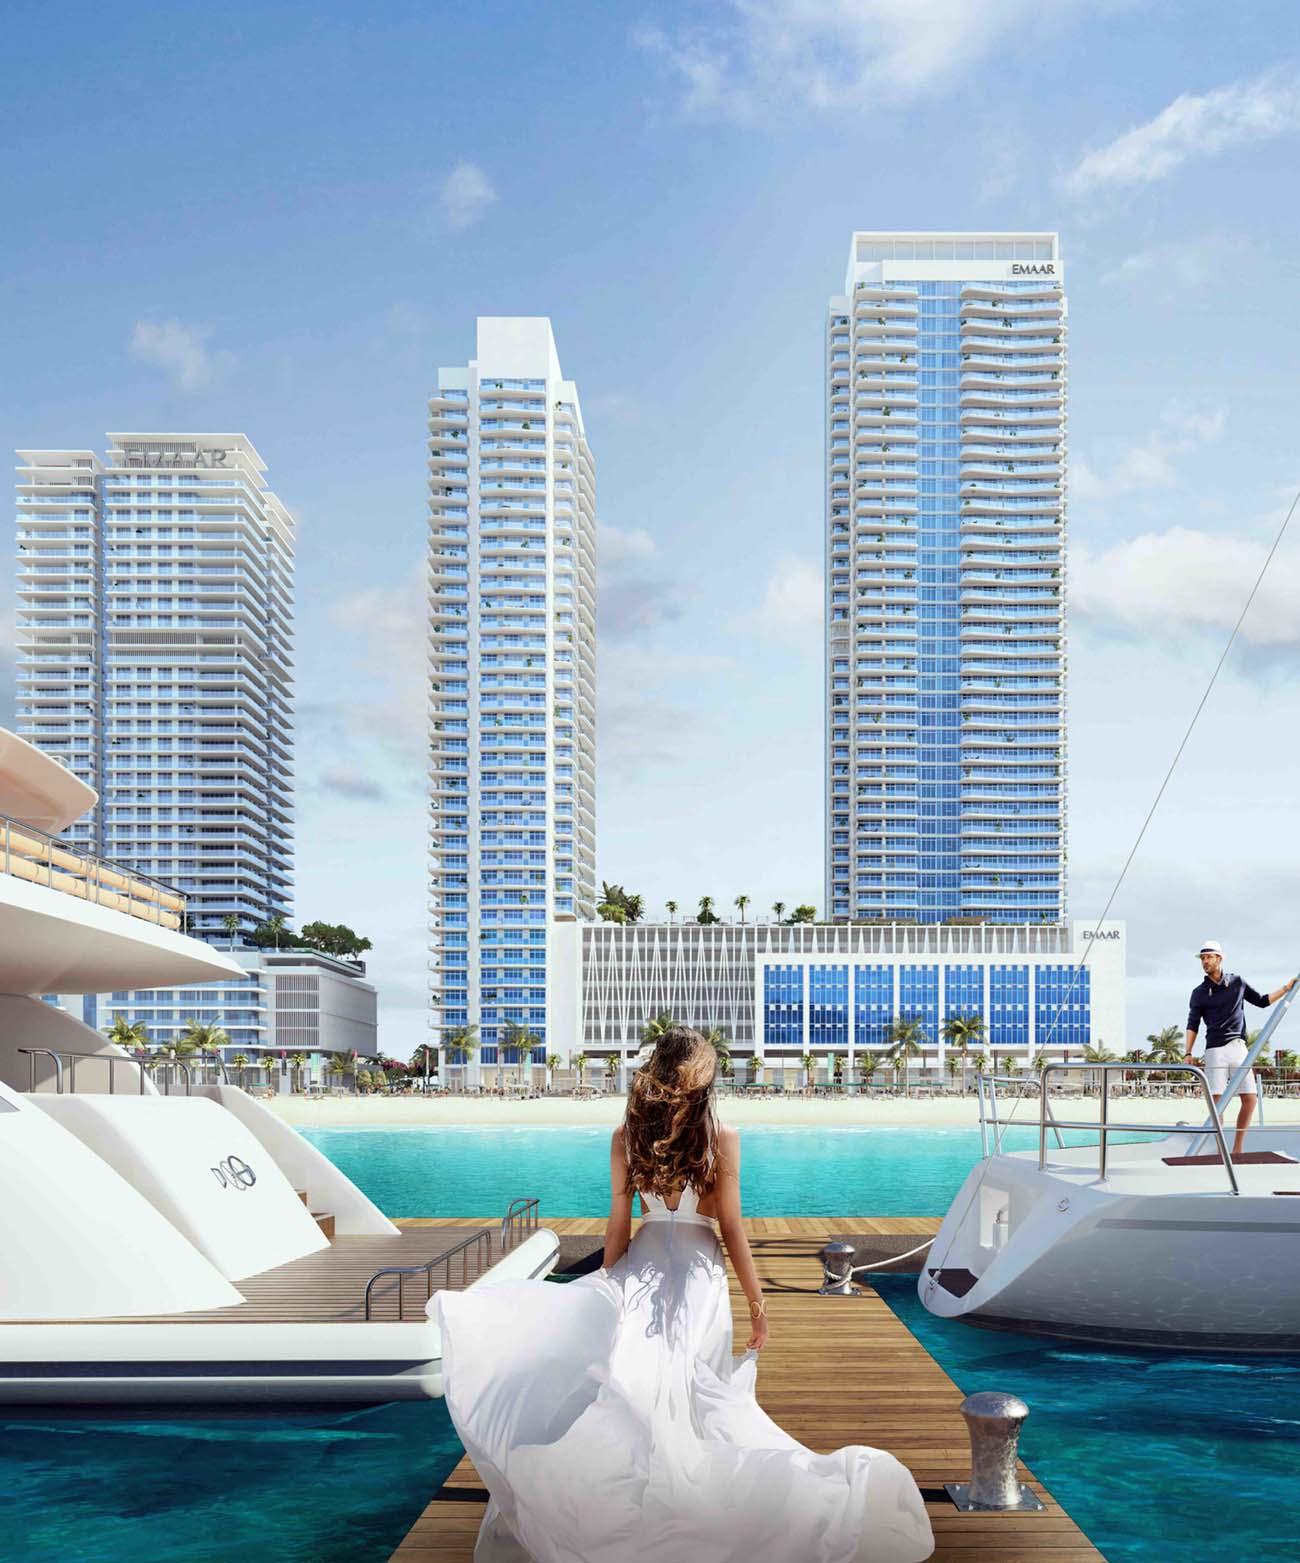 Emaar Beachfront South Beach Apartments for Sale in Dubai